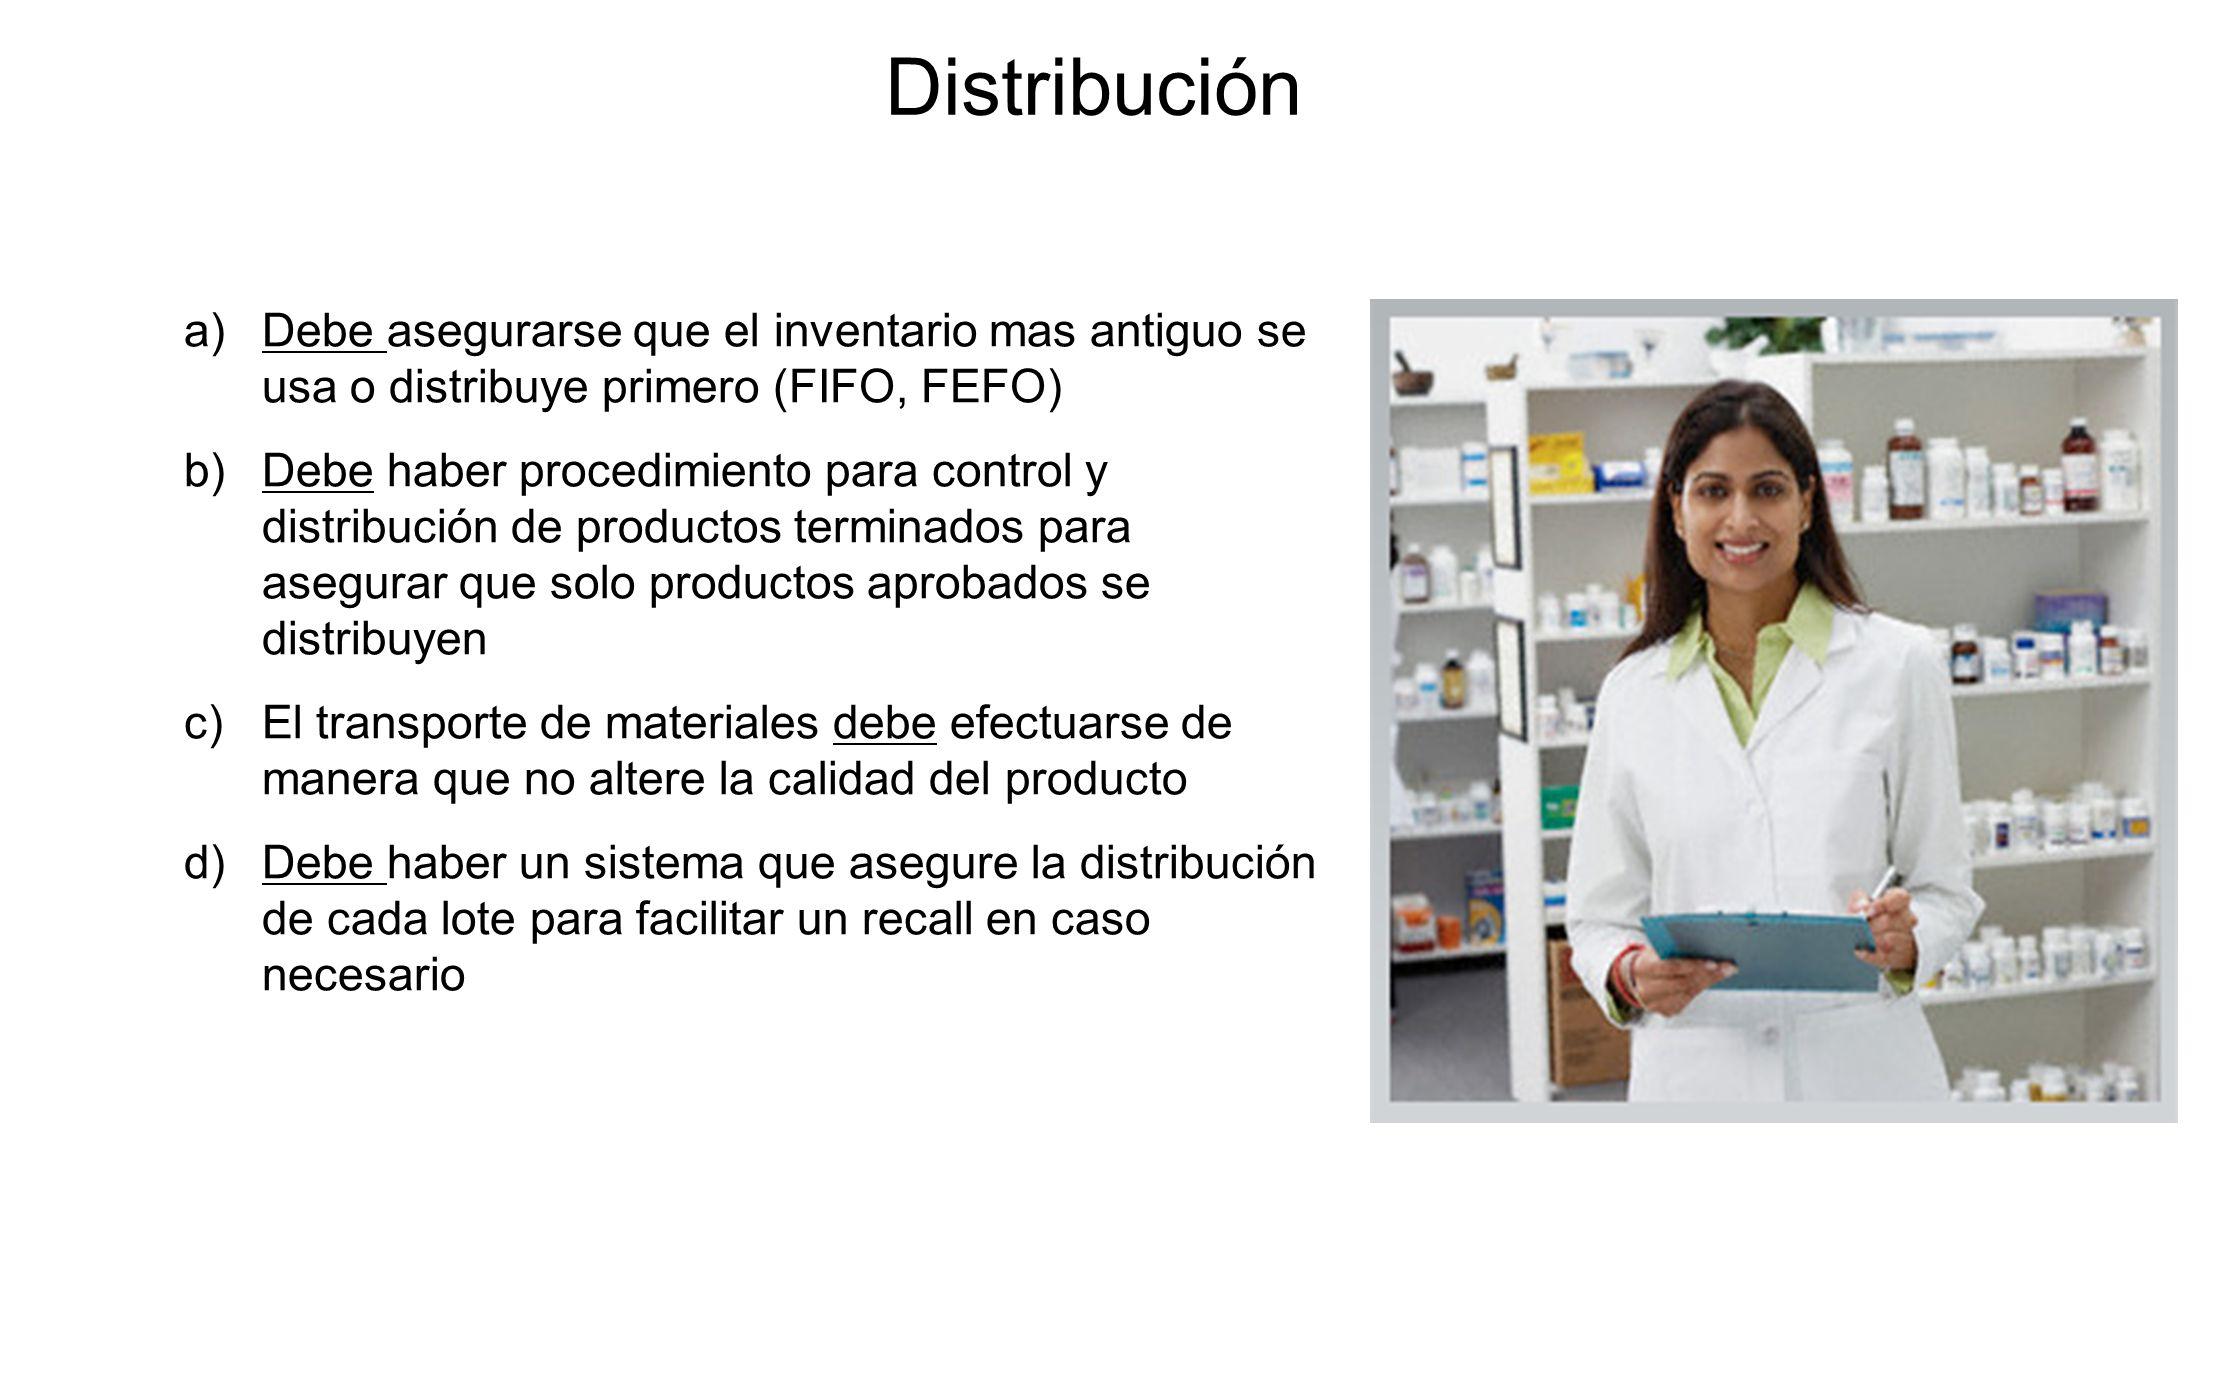 a)Debe asegurarse que el inventario mas antiguo se usa o distribuye primero (FIFO, FEFO) b)Debe haber procedimiento para control y distribución de pro